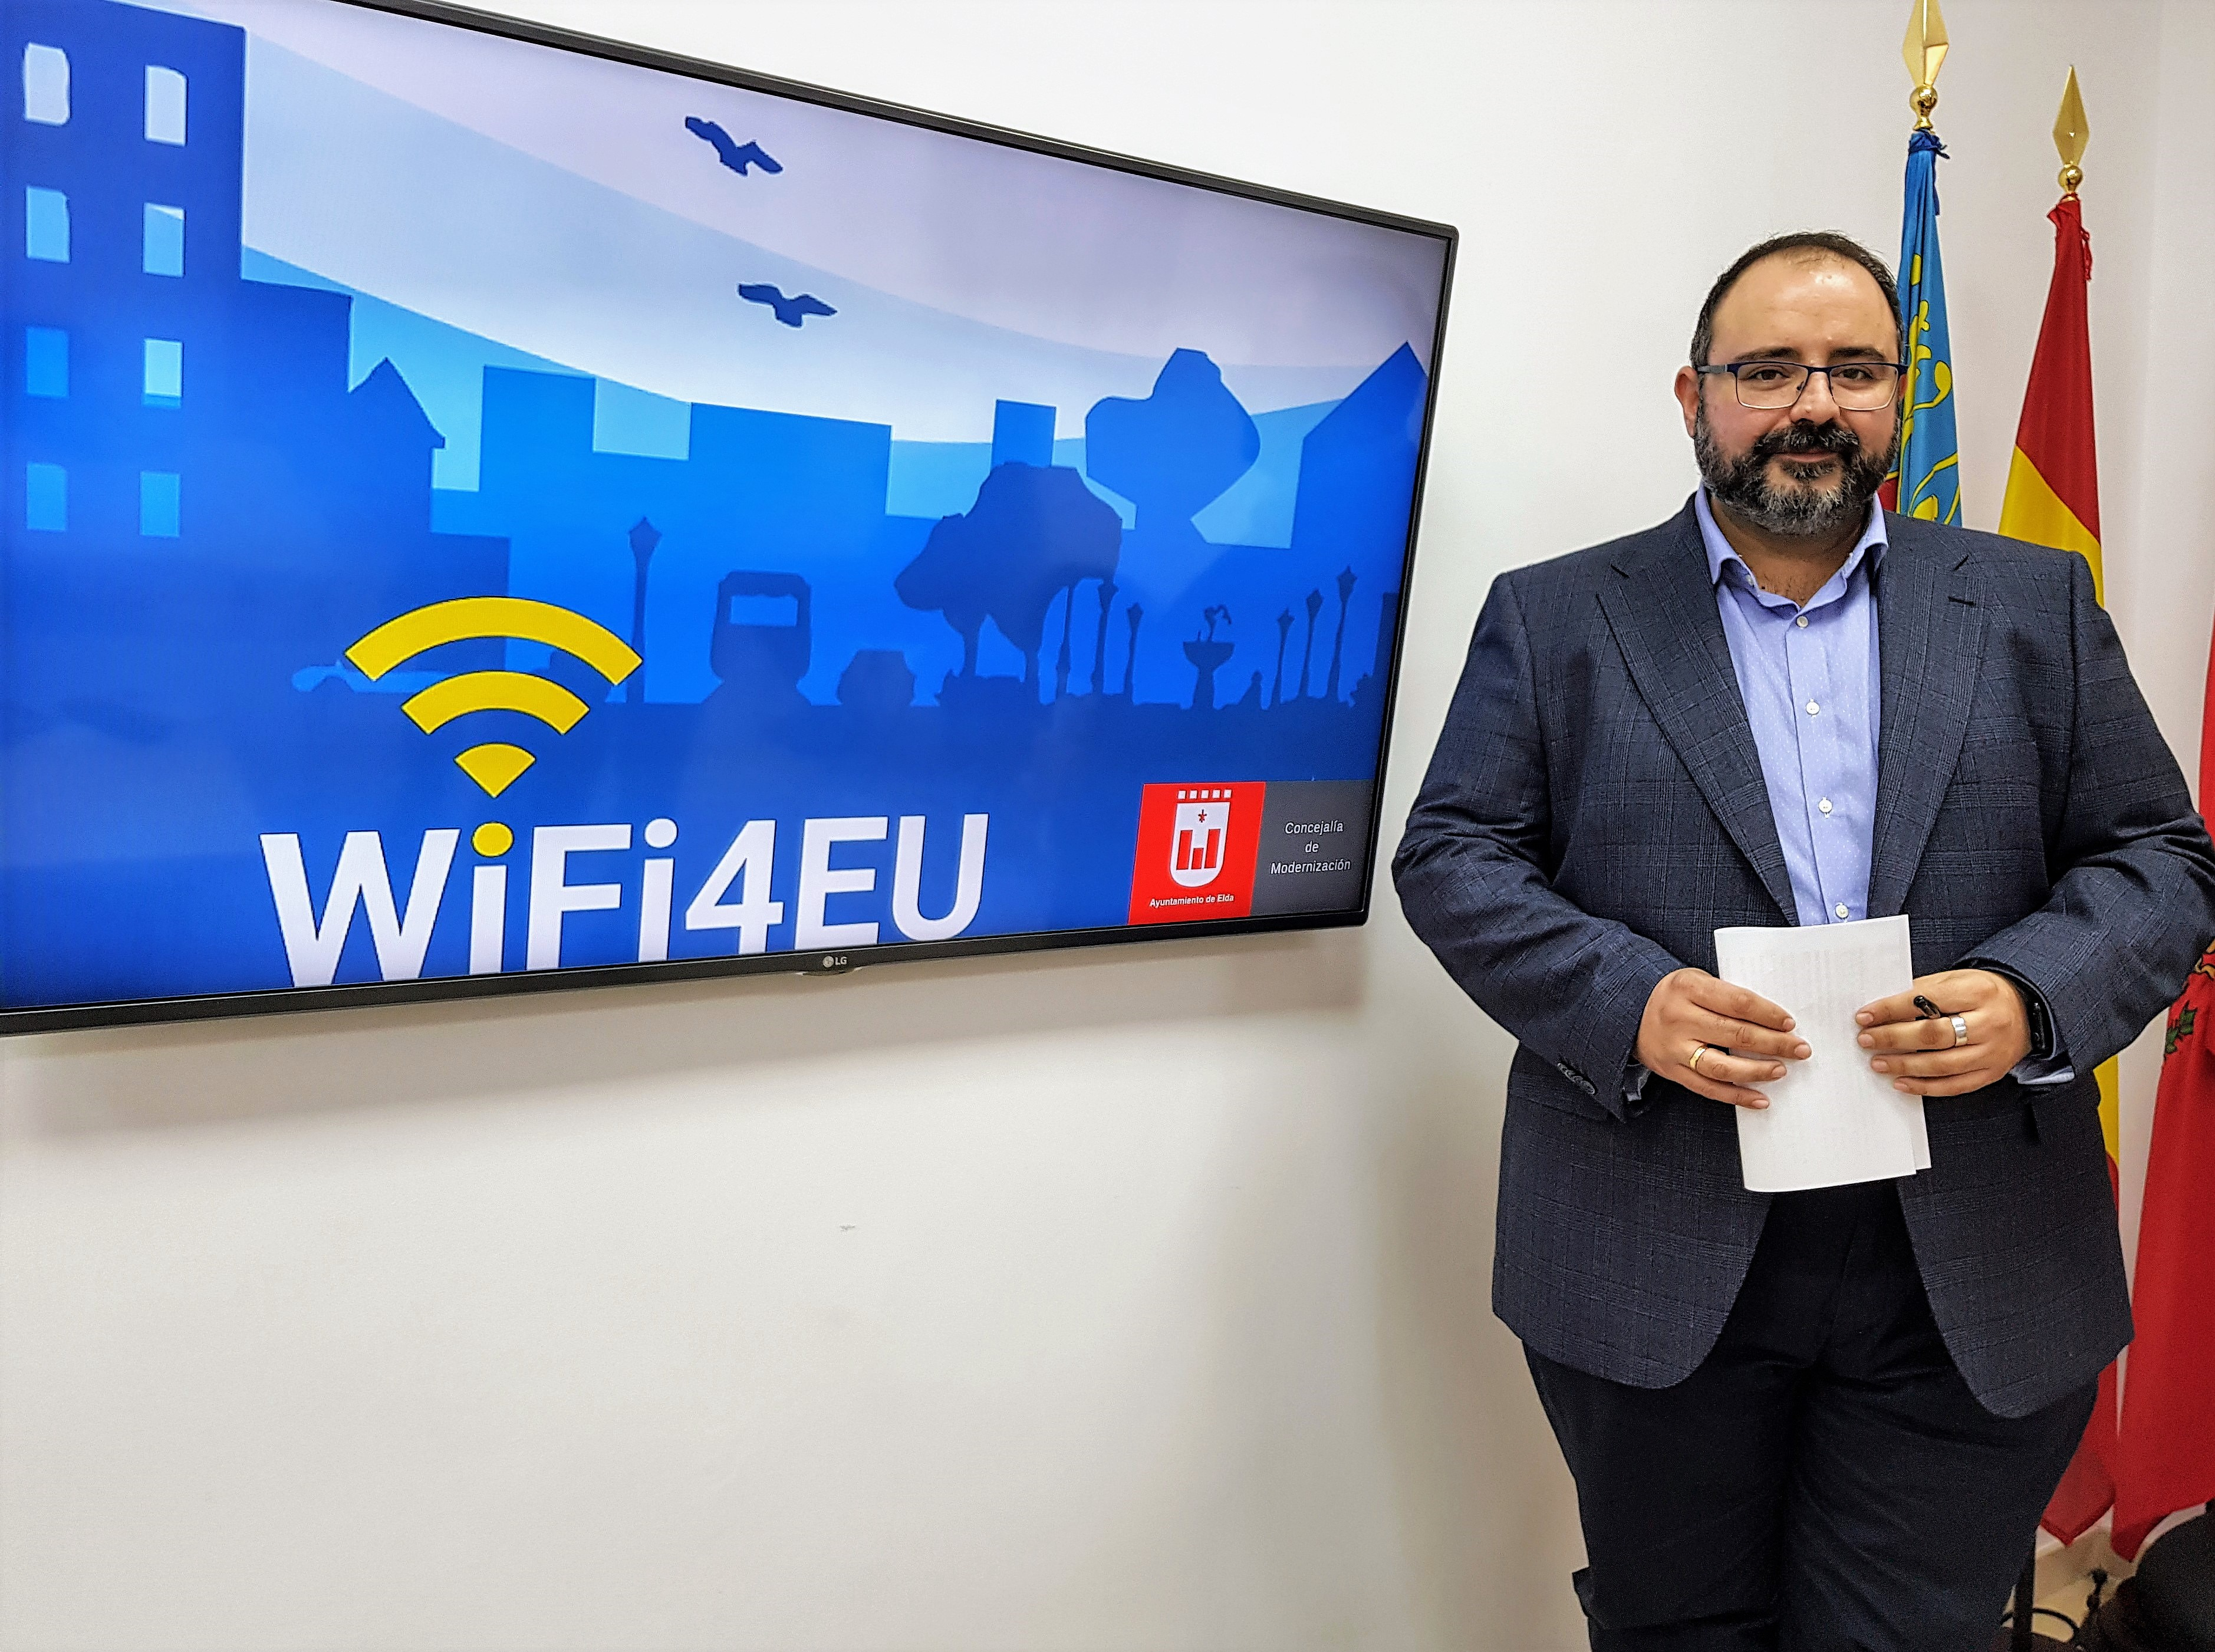 Elda recibe una subvención de la Unión Europea para la instalación de wifi gratuito en espacios públicos de la ciudad